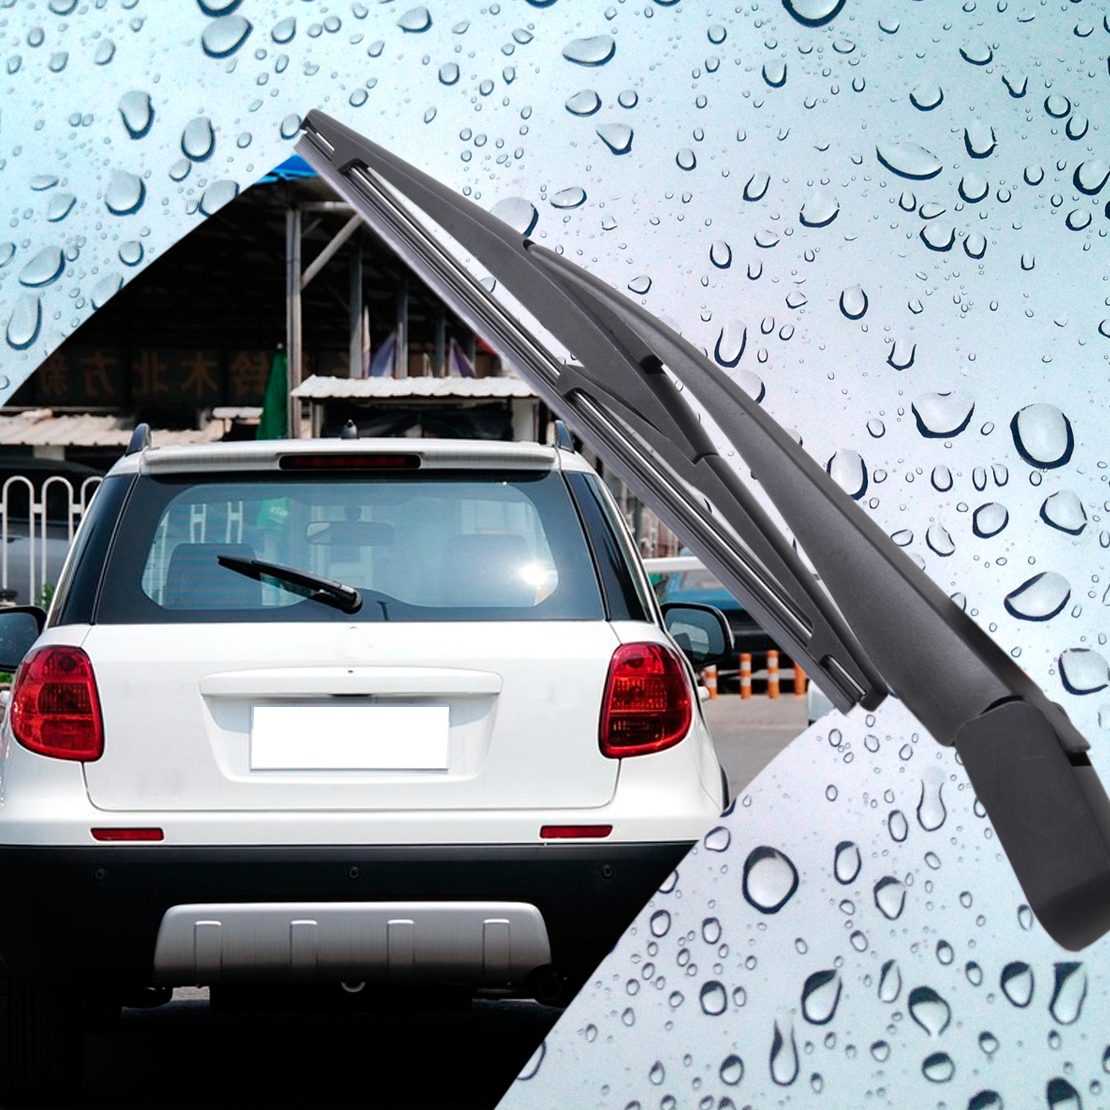 Beler Новый рычаг стеклоочистителя заднего стекла и лезвие для Suzuki Swift MK3 2005 2006 2007 2008 2009 2010 SX4 Хэтчбек 2006 2007